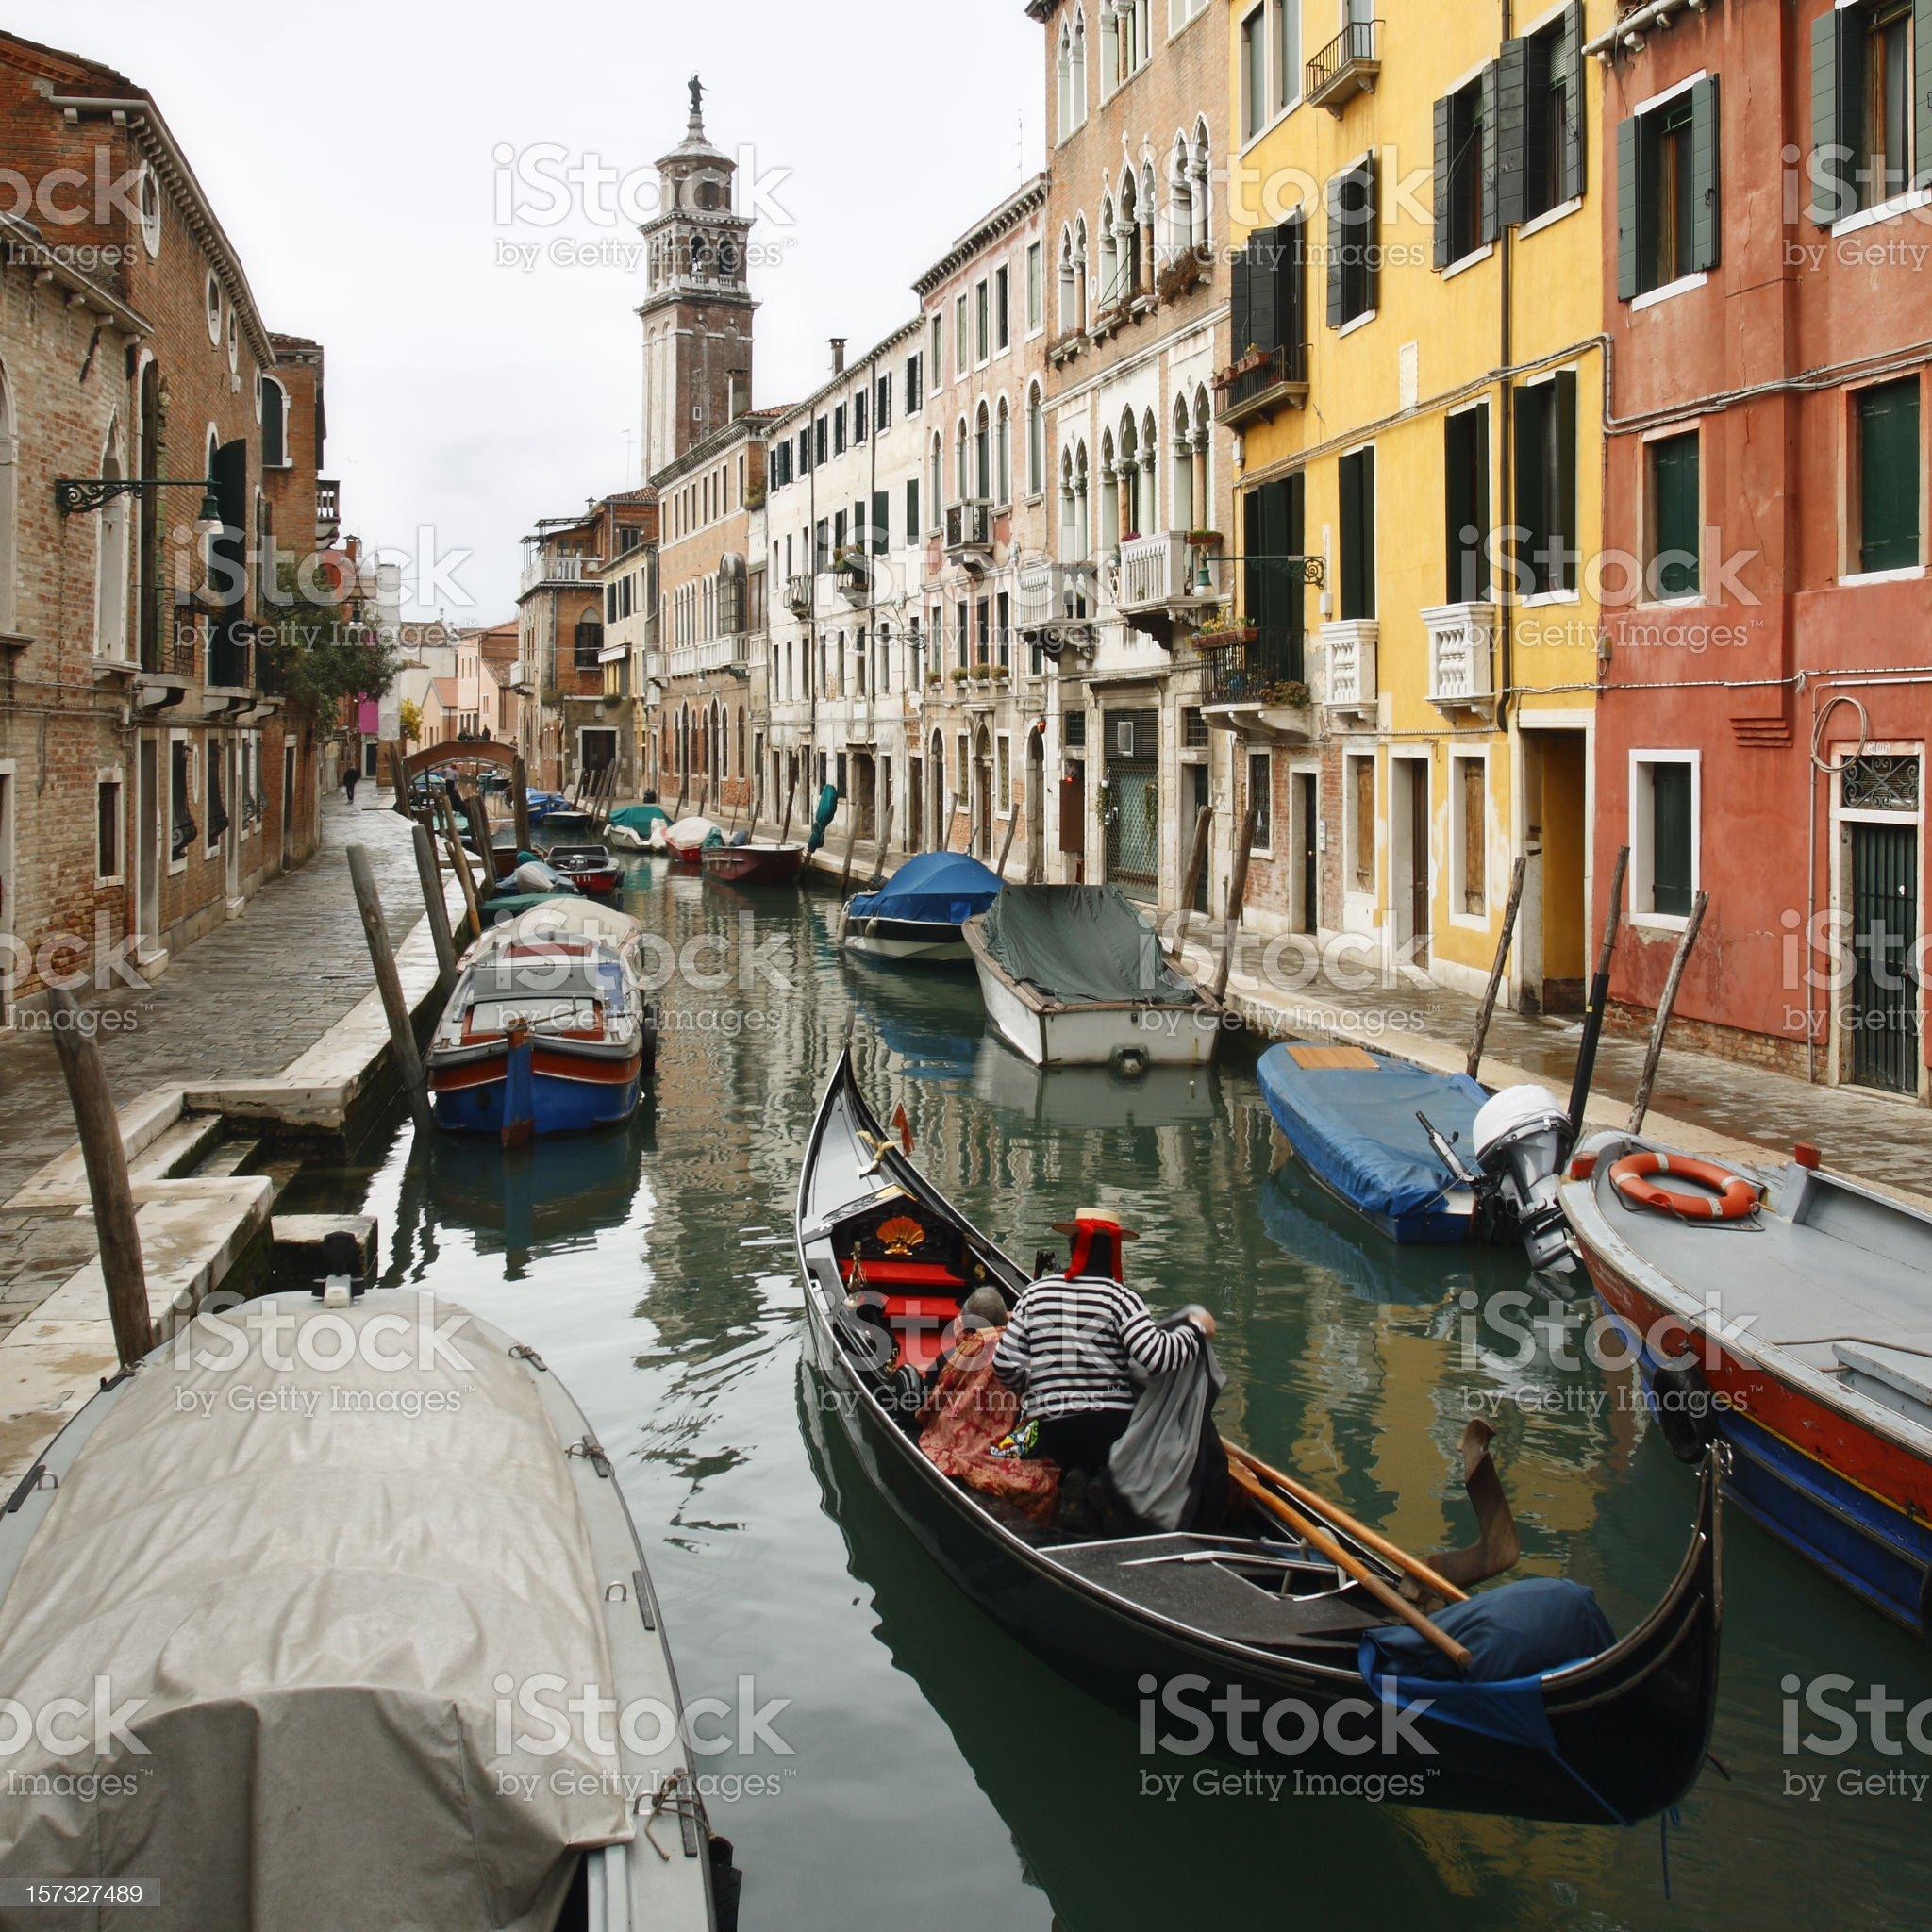 Venetian Cityscape royalty-free stock photo